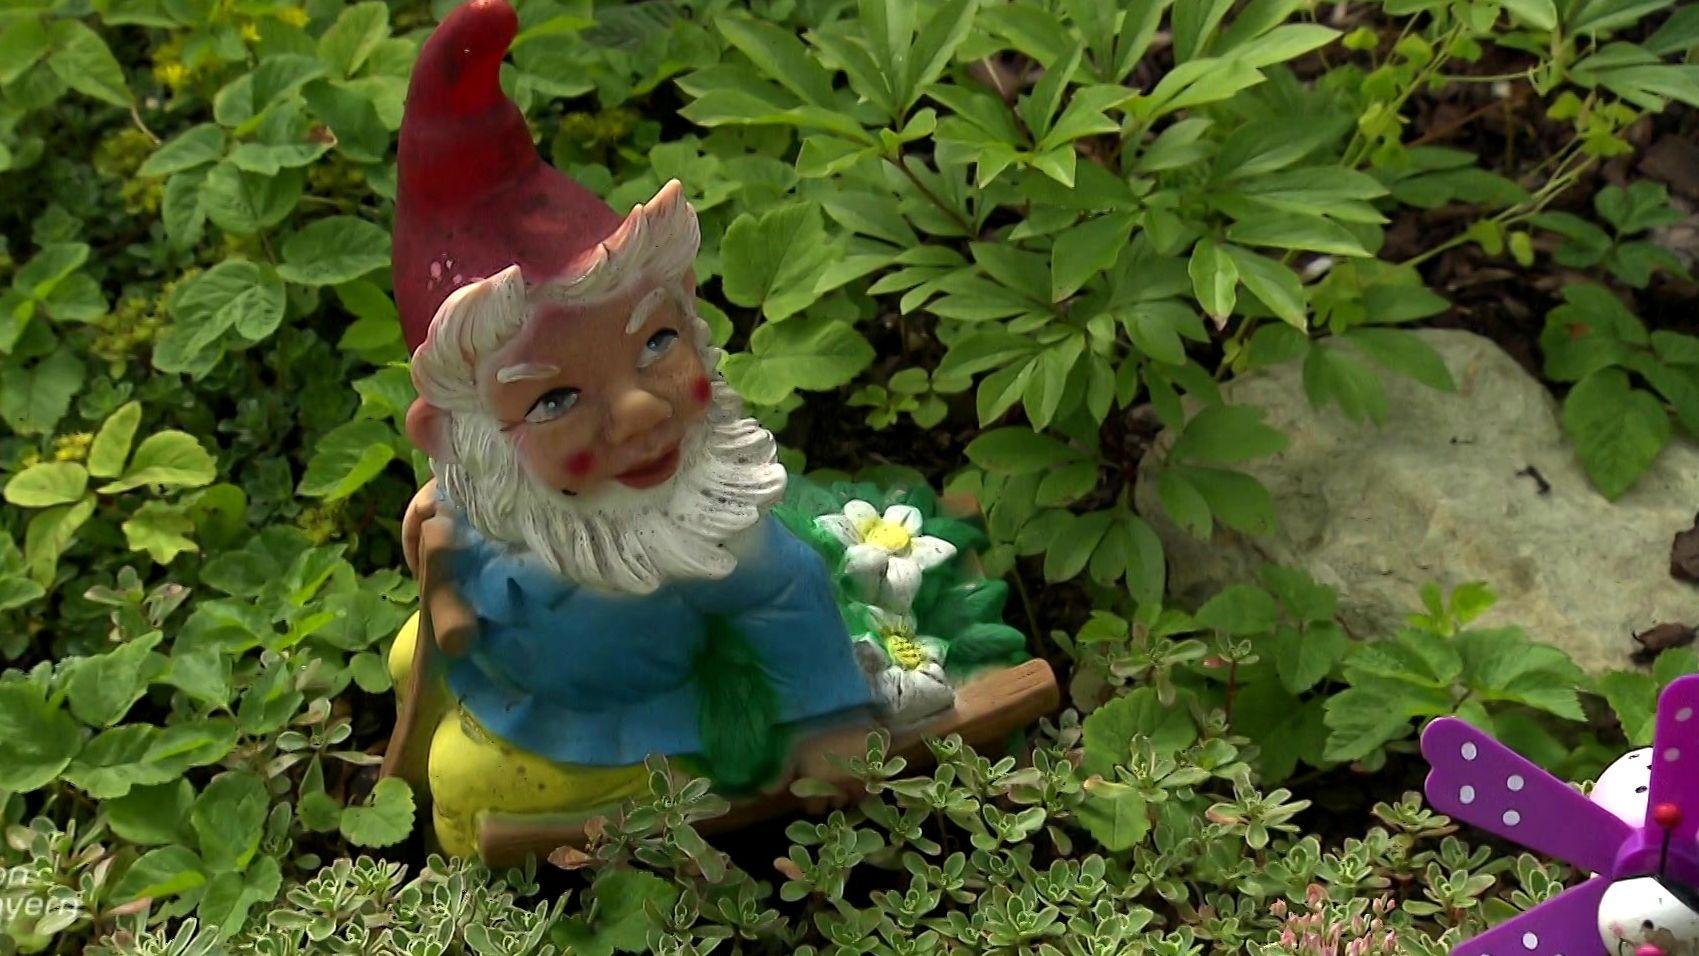 Gartenzwerg im Grünen